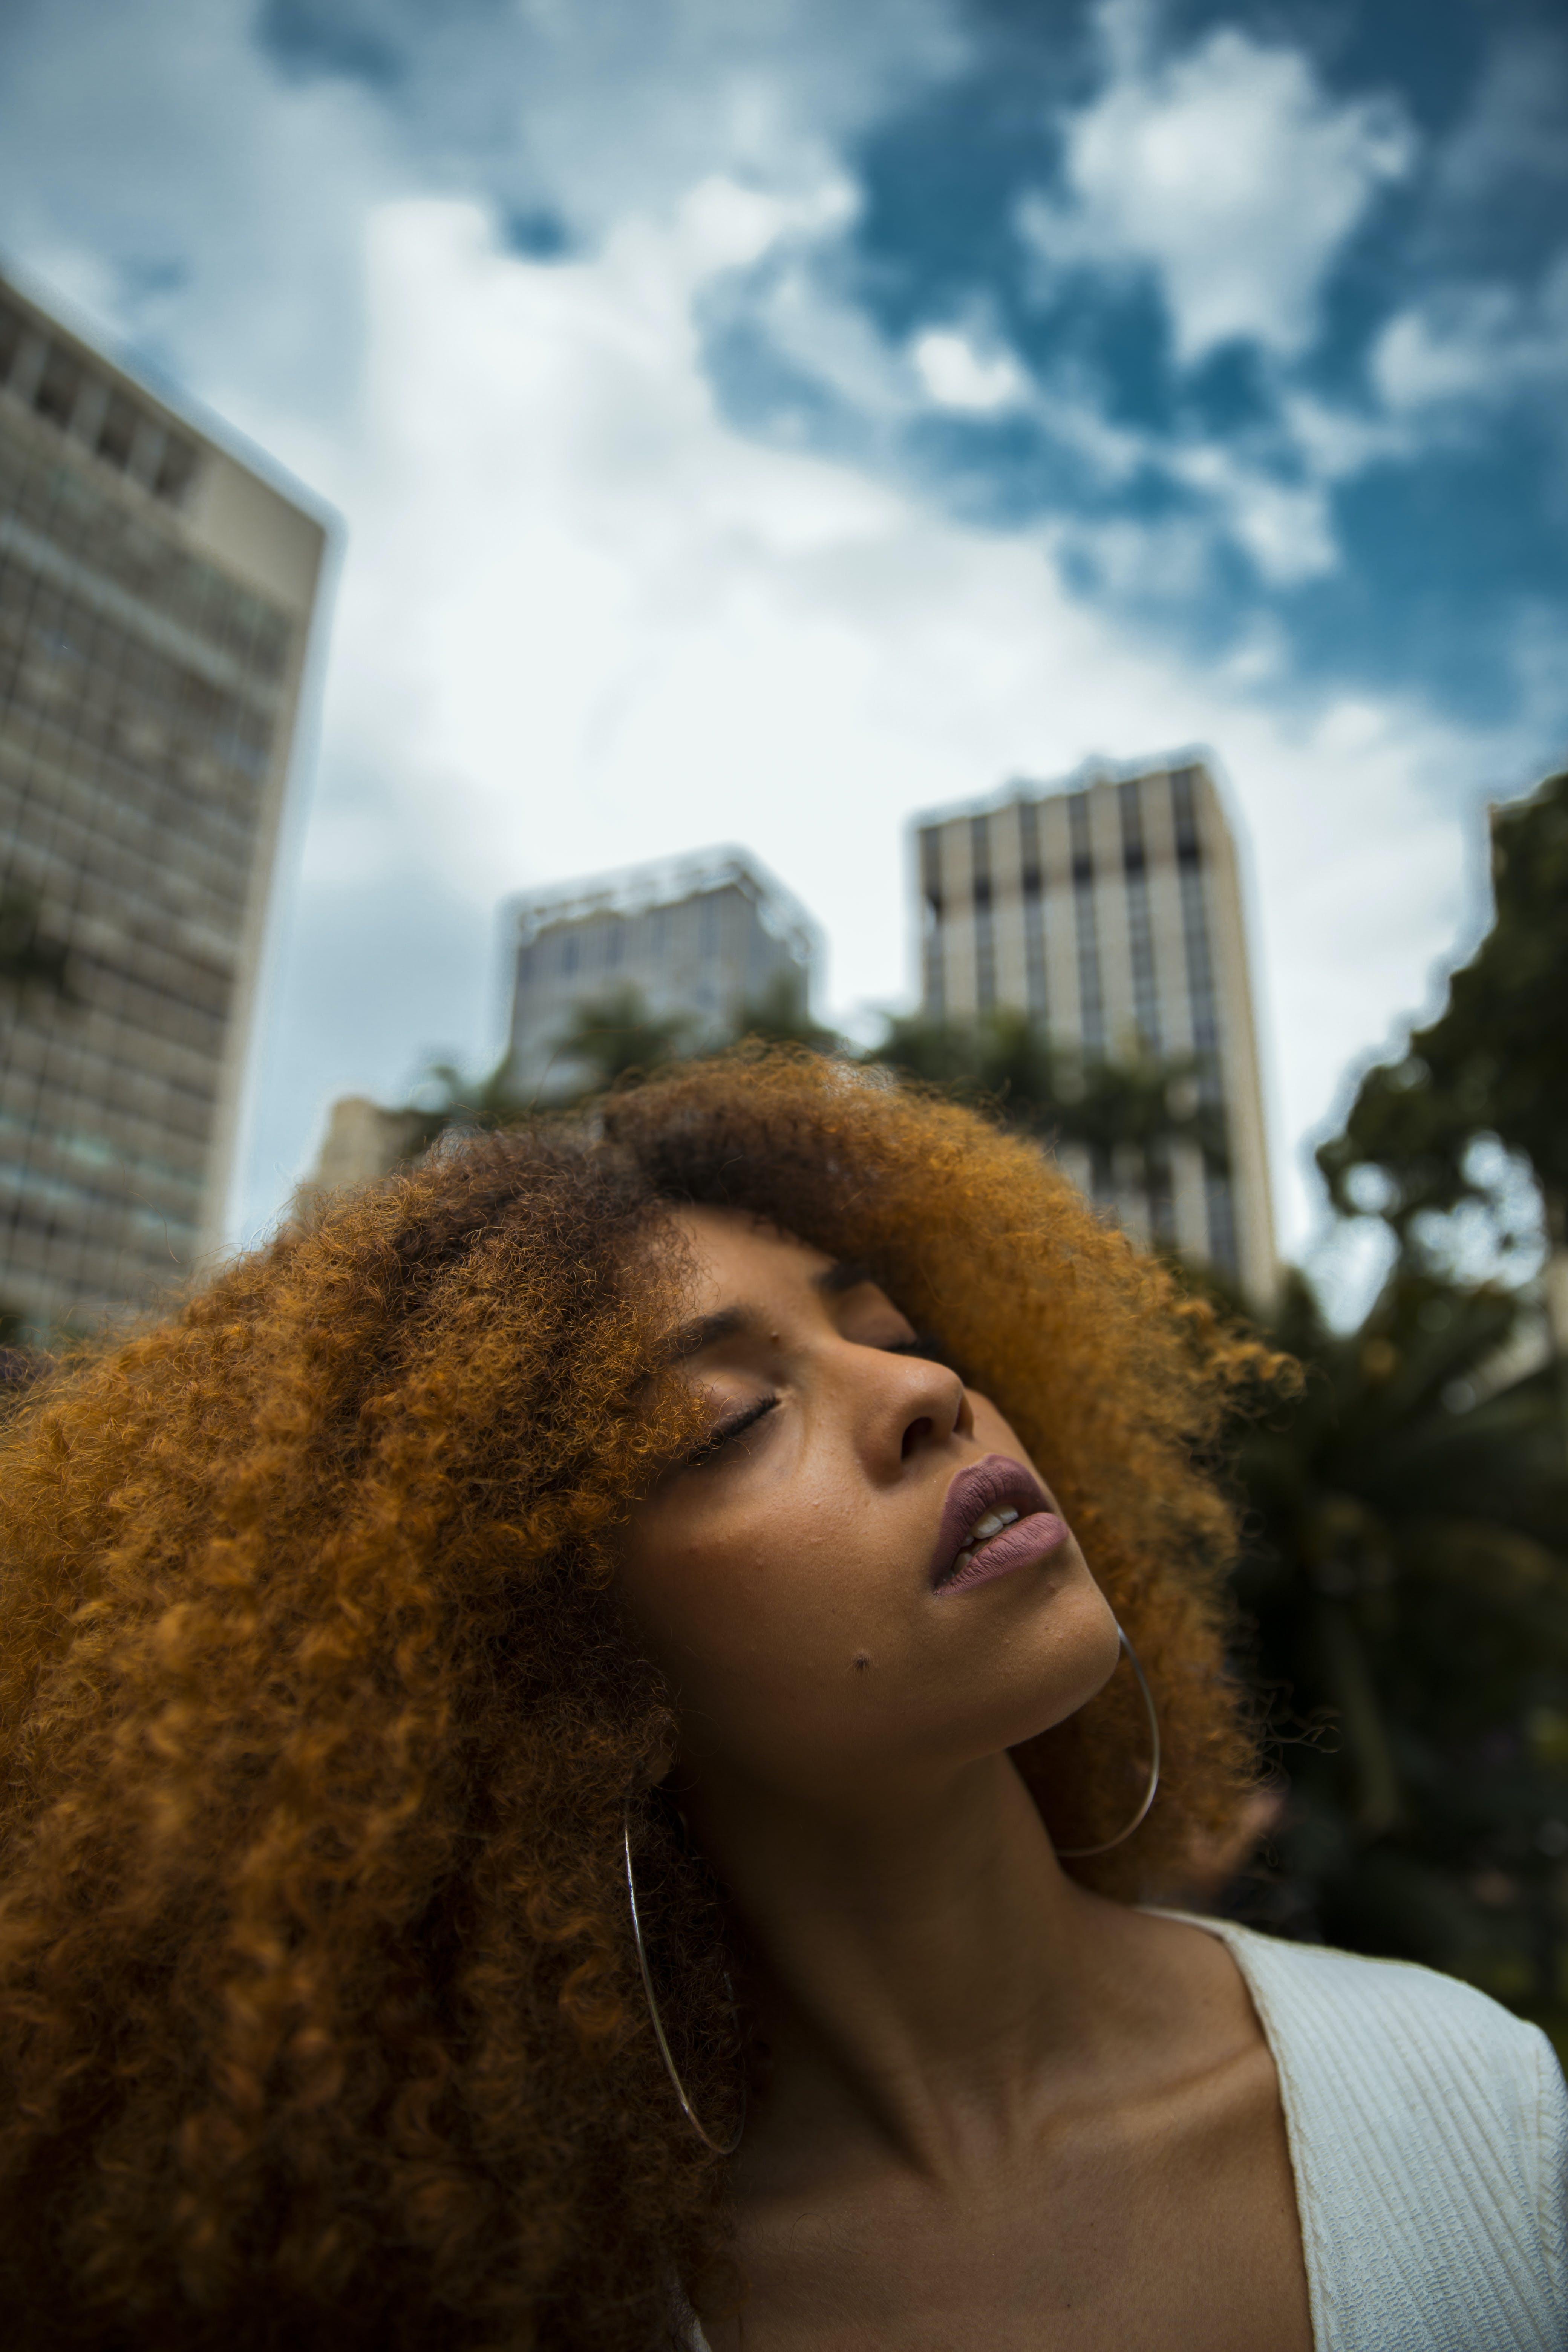 Δωρεάν στοκ φωτογραφιών με Άνθρωποι, αστικός, γυναίκα, δρόμος